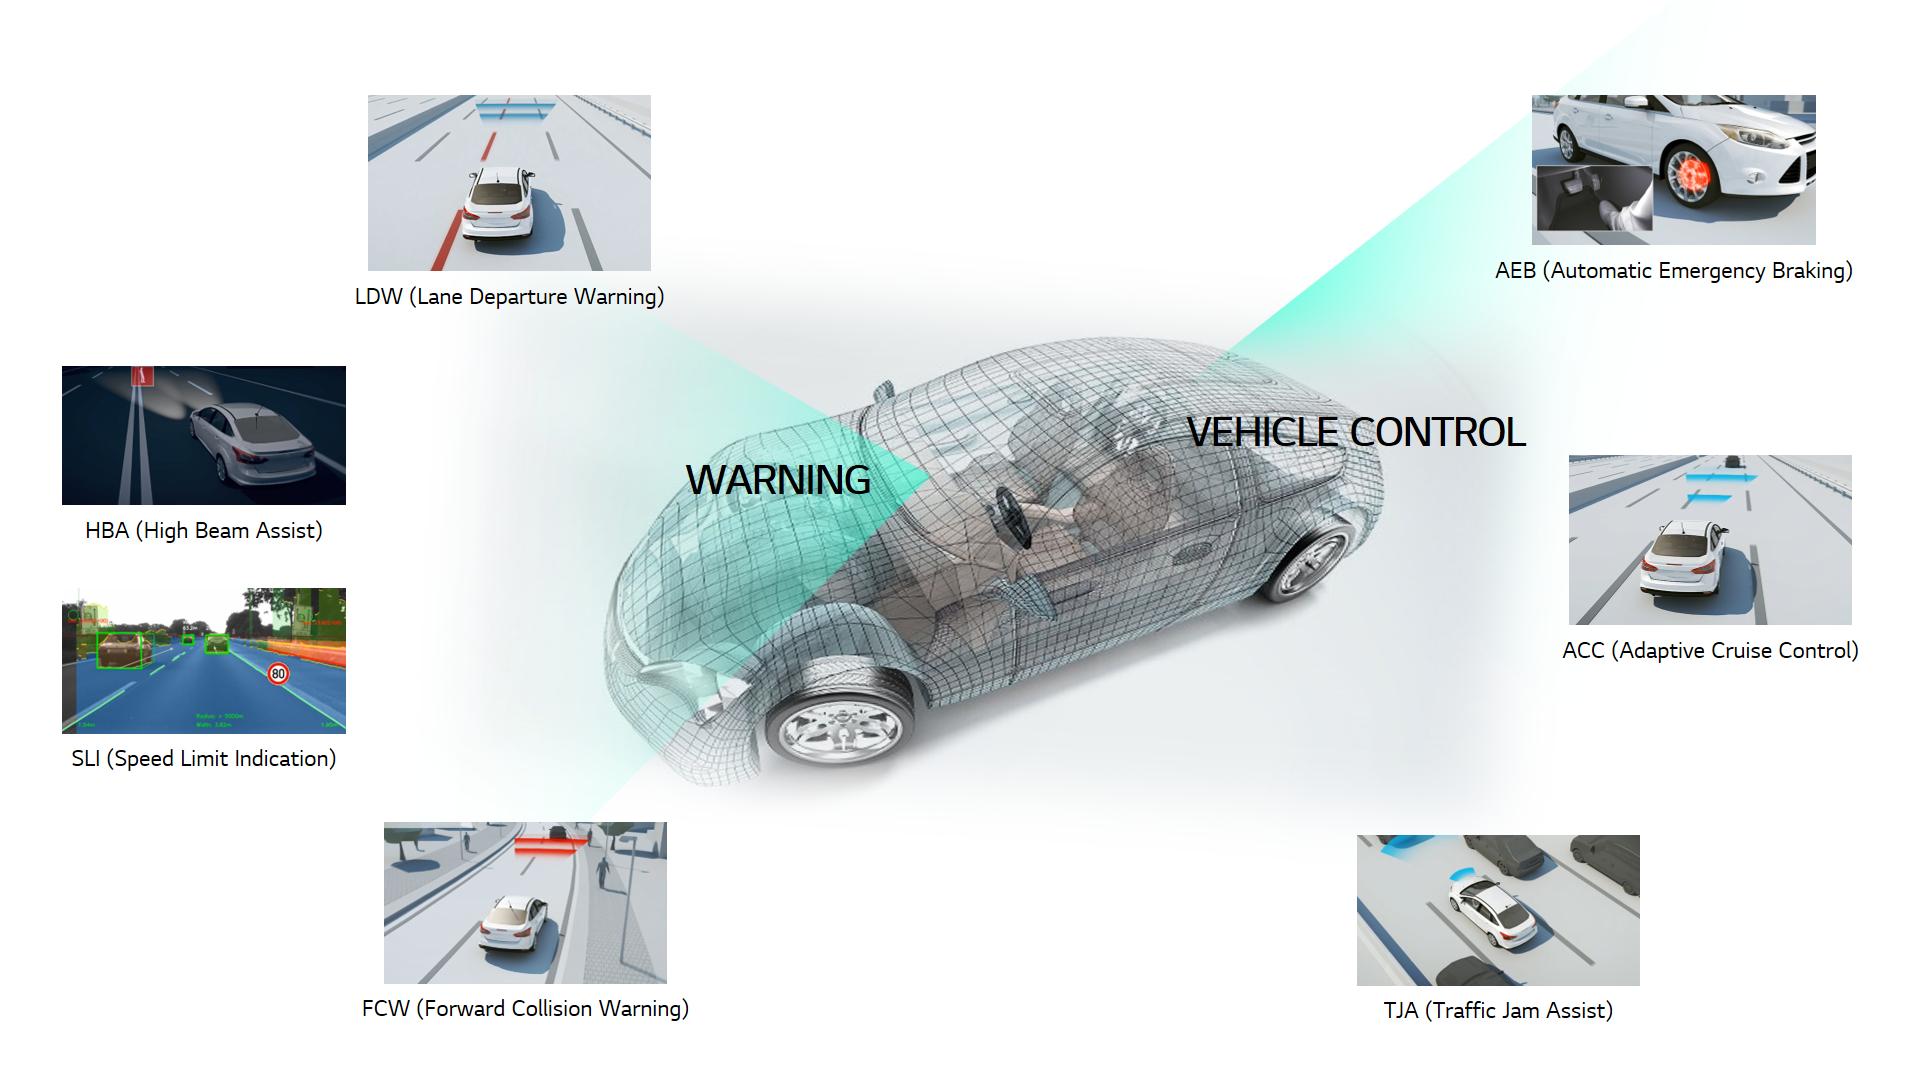 الجی نسل بعدی دوربینهای ADASرا برای خودروهای پیشرفته شرکت معروف آلمانی تامین میکند